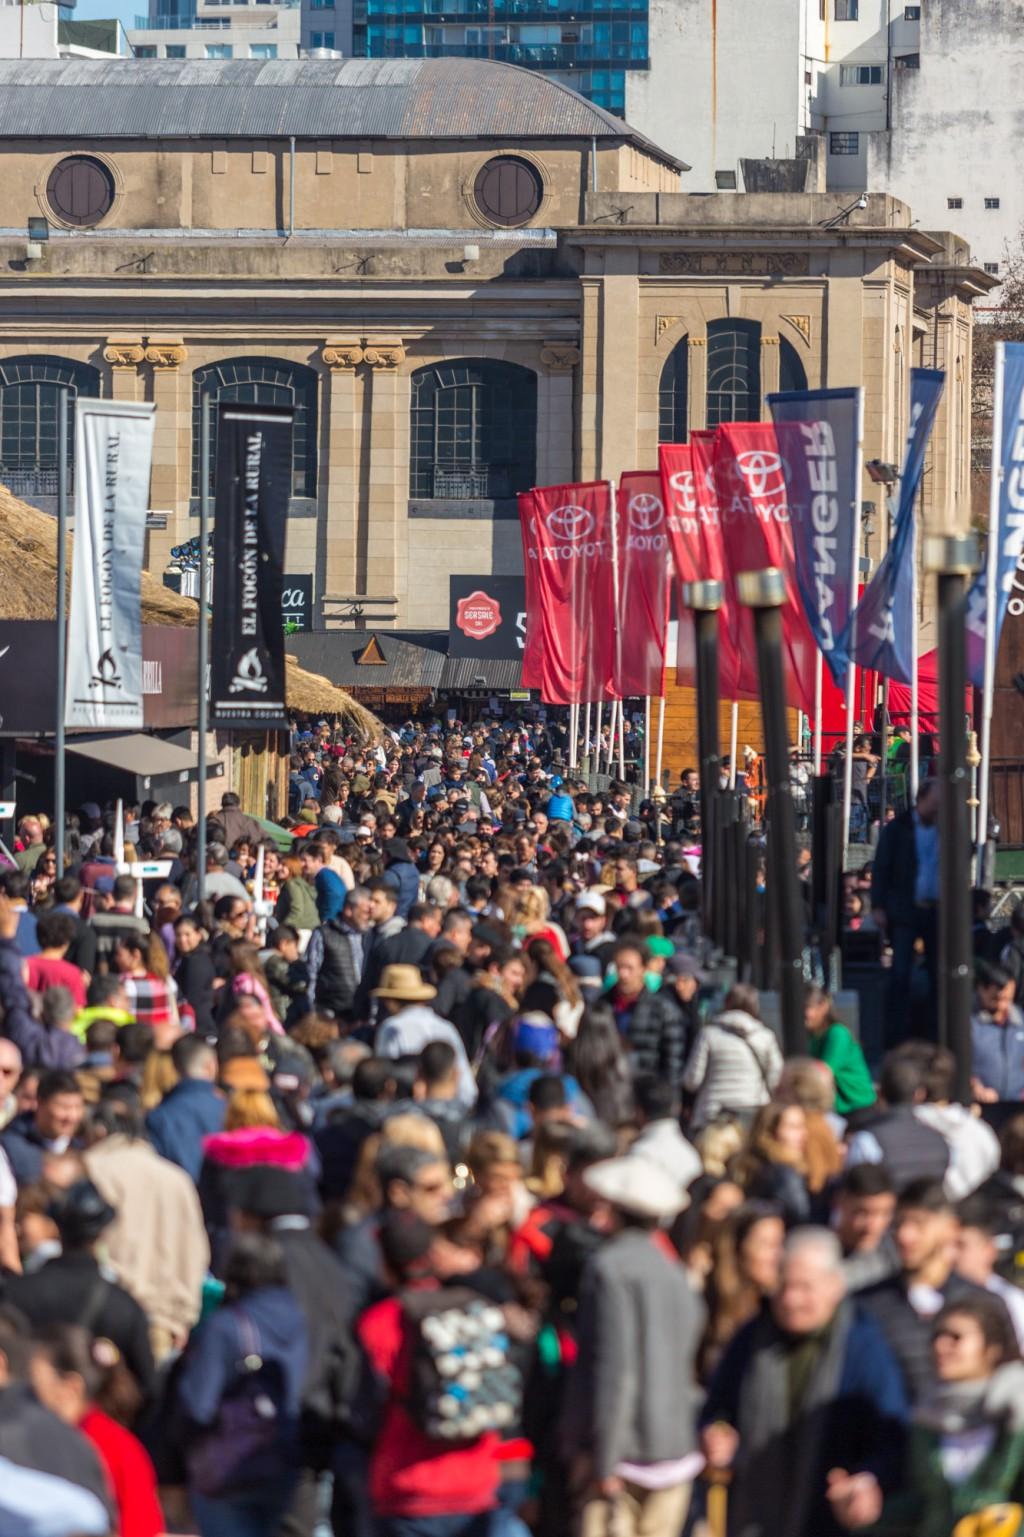 Expo rural 2019: 1.226.533 visitantes vivieron lo mejor del campo en la ciudad